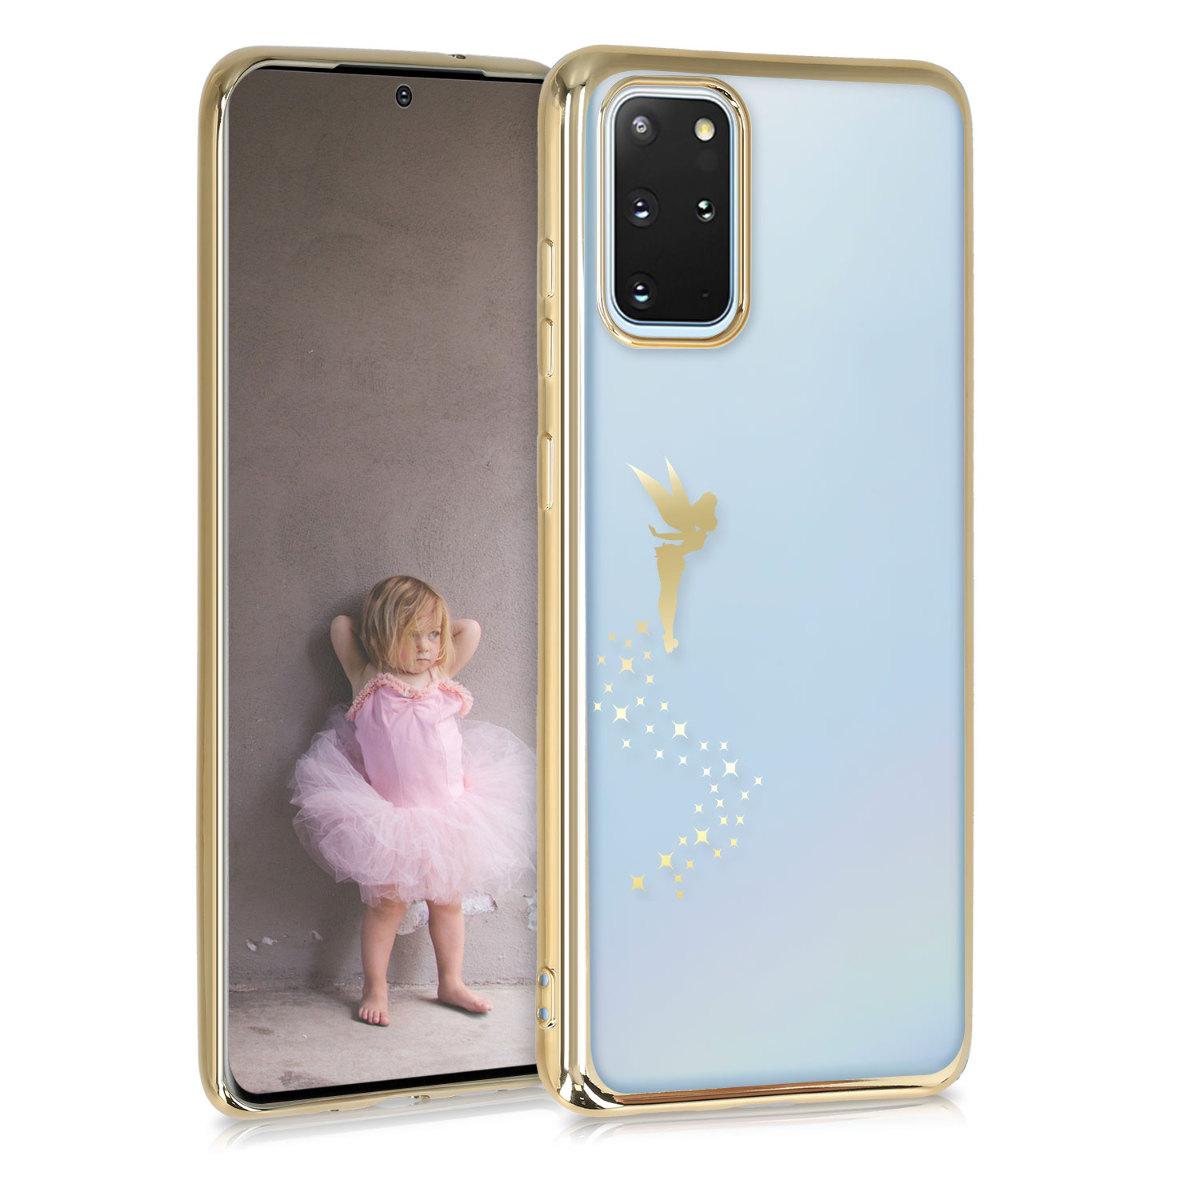 Silikonové pouzdro / obal se zlatým motivem víly pro Samsung S20 Plus